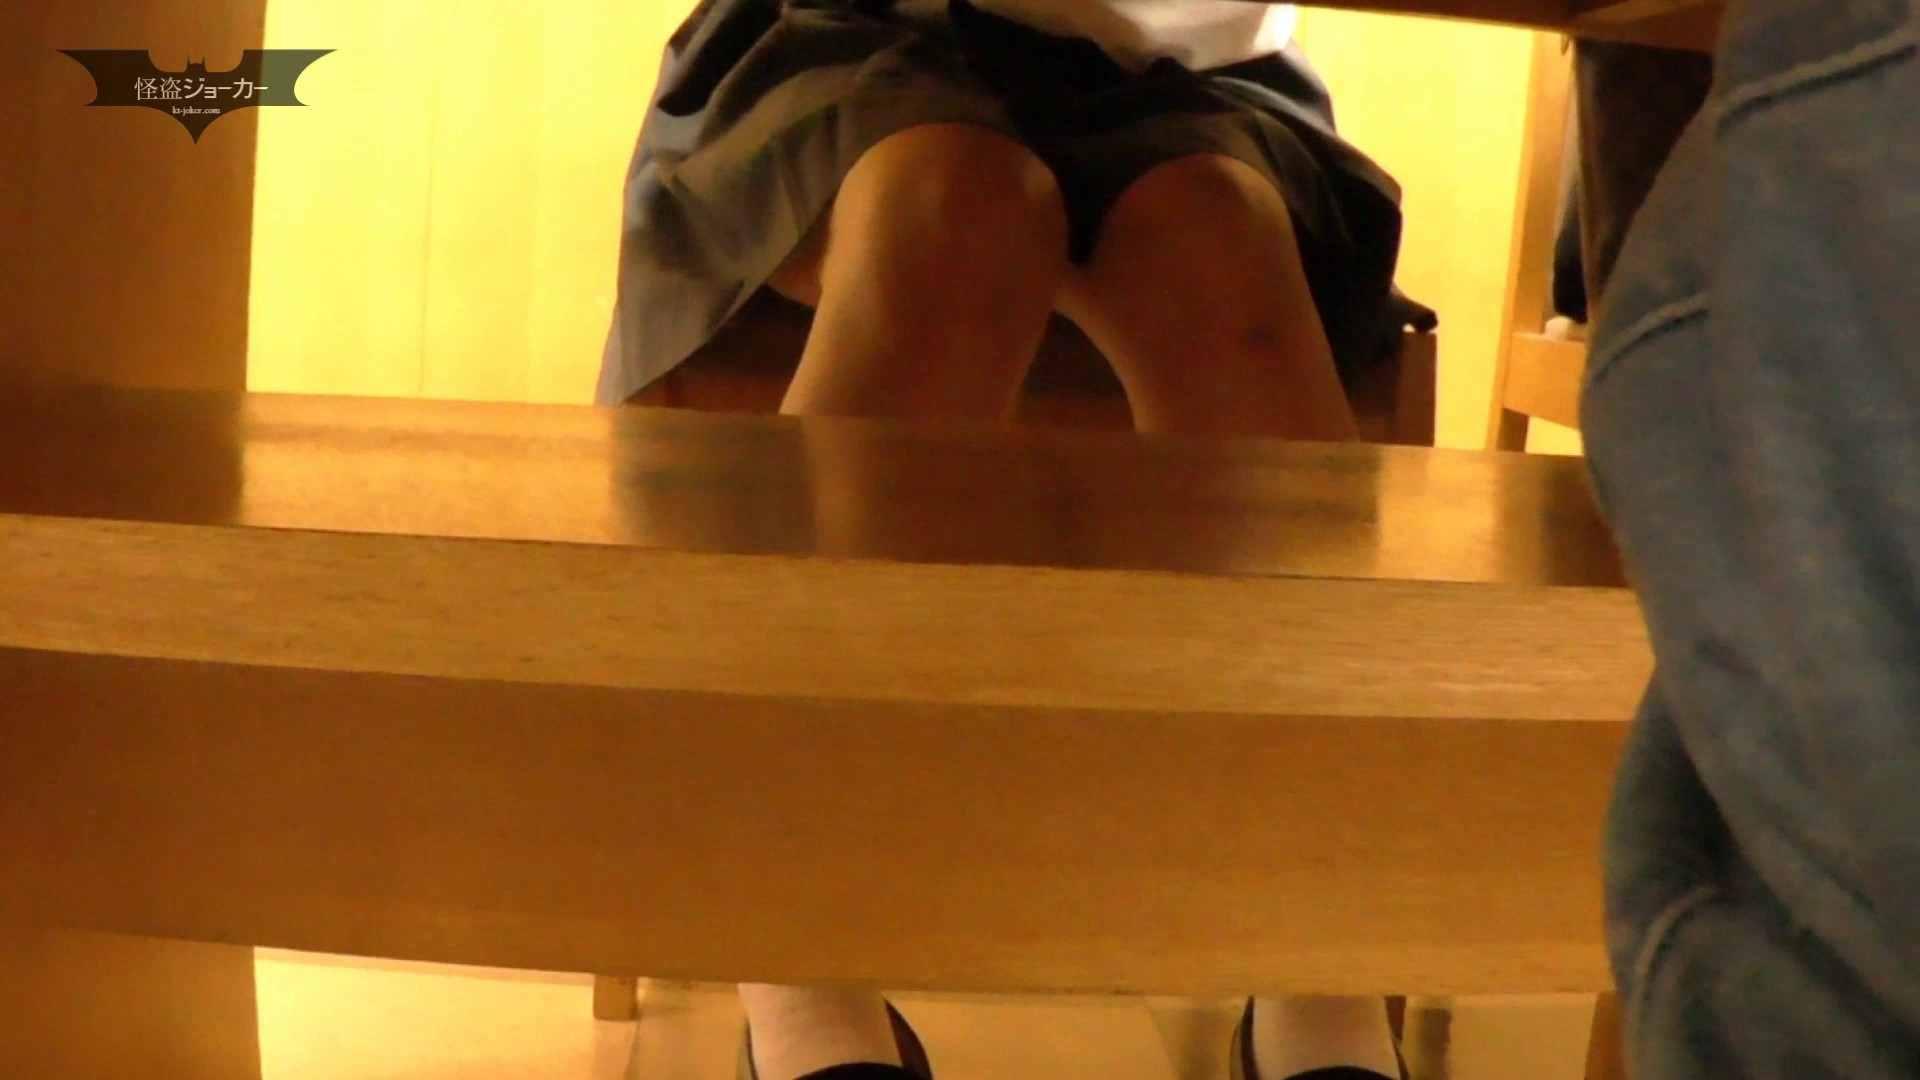 机の下の世界 Vol.04 生足はお好きですか? パンツ売る女   エッチなOL  107枚 23